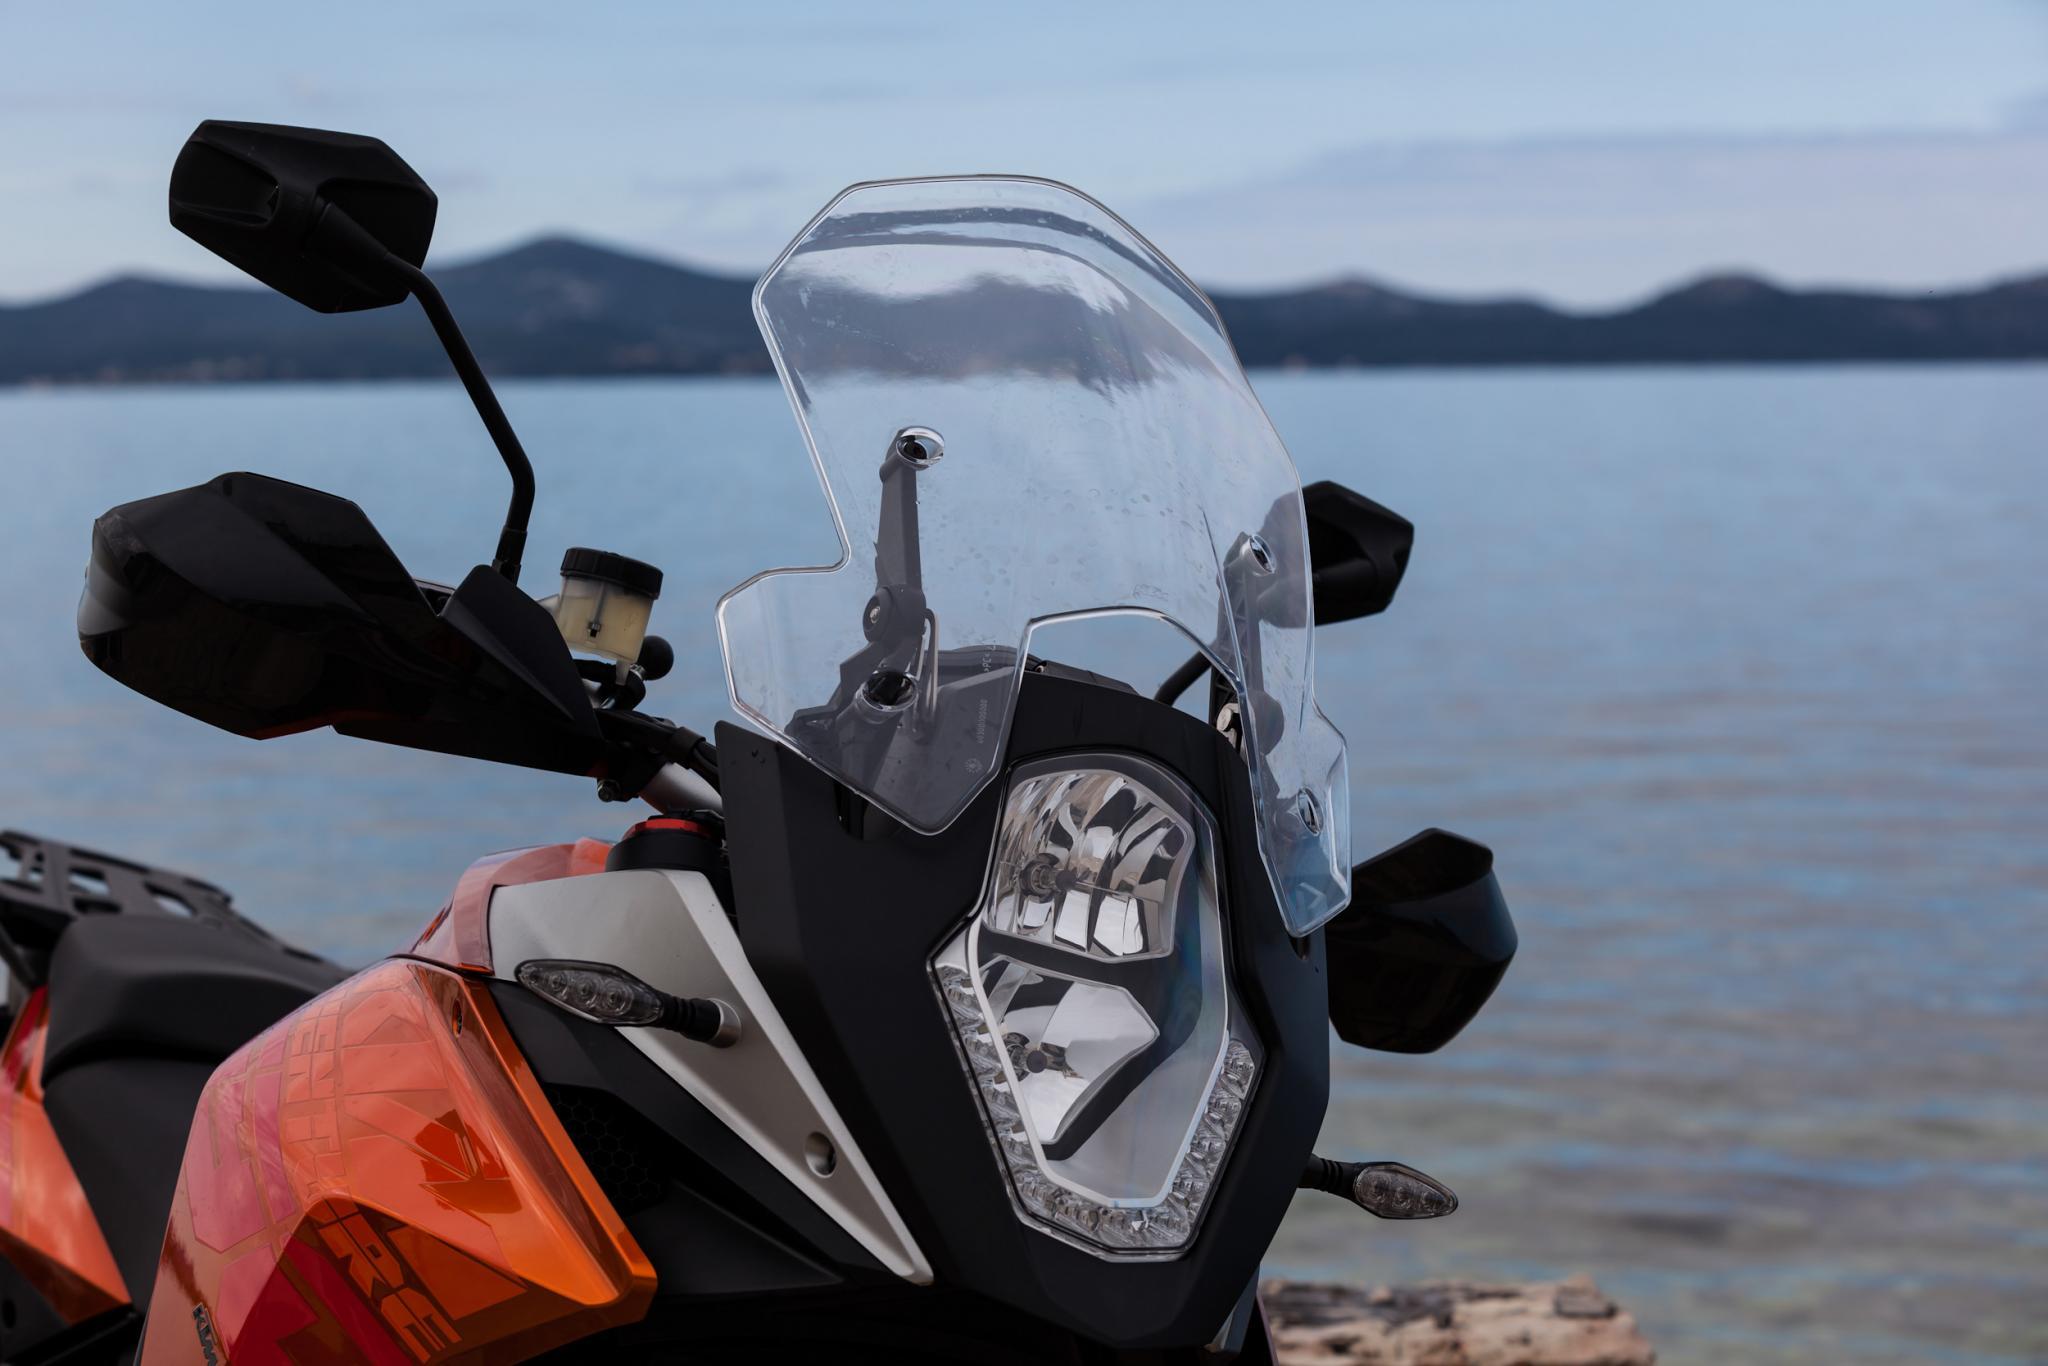 http://www.motorrad-bilder.at/slideshows/291/009277/IMG_1033.jpg